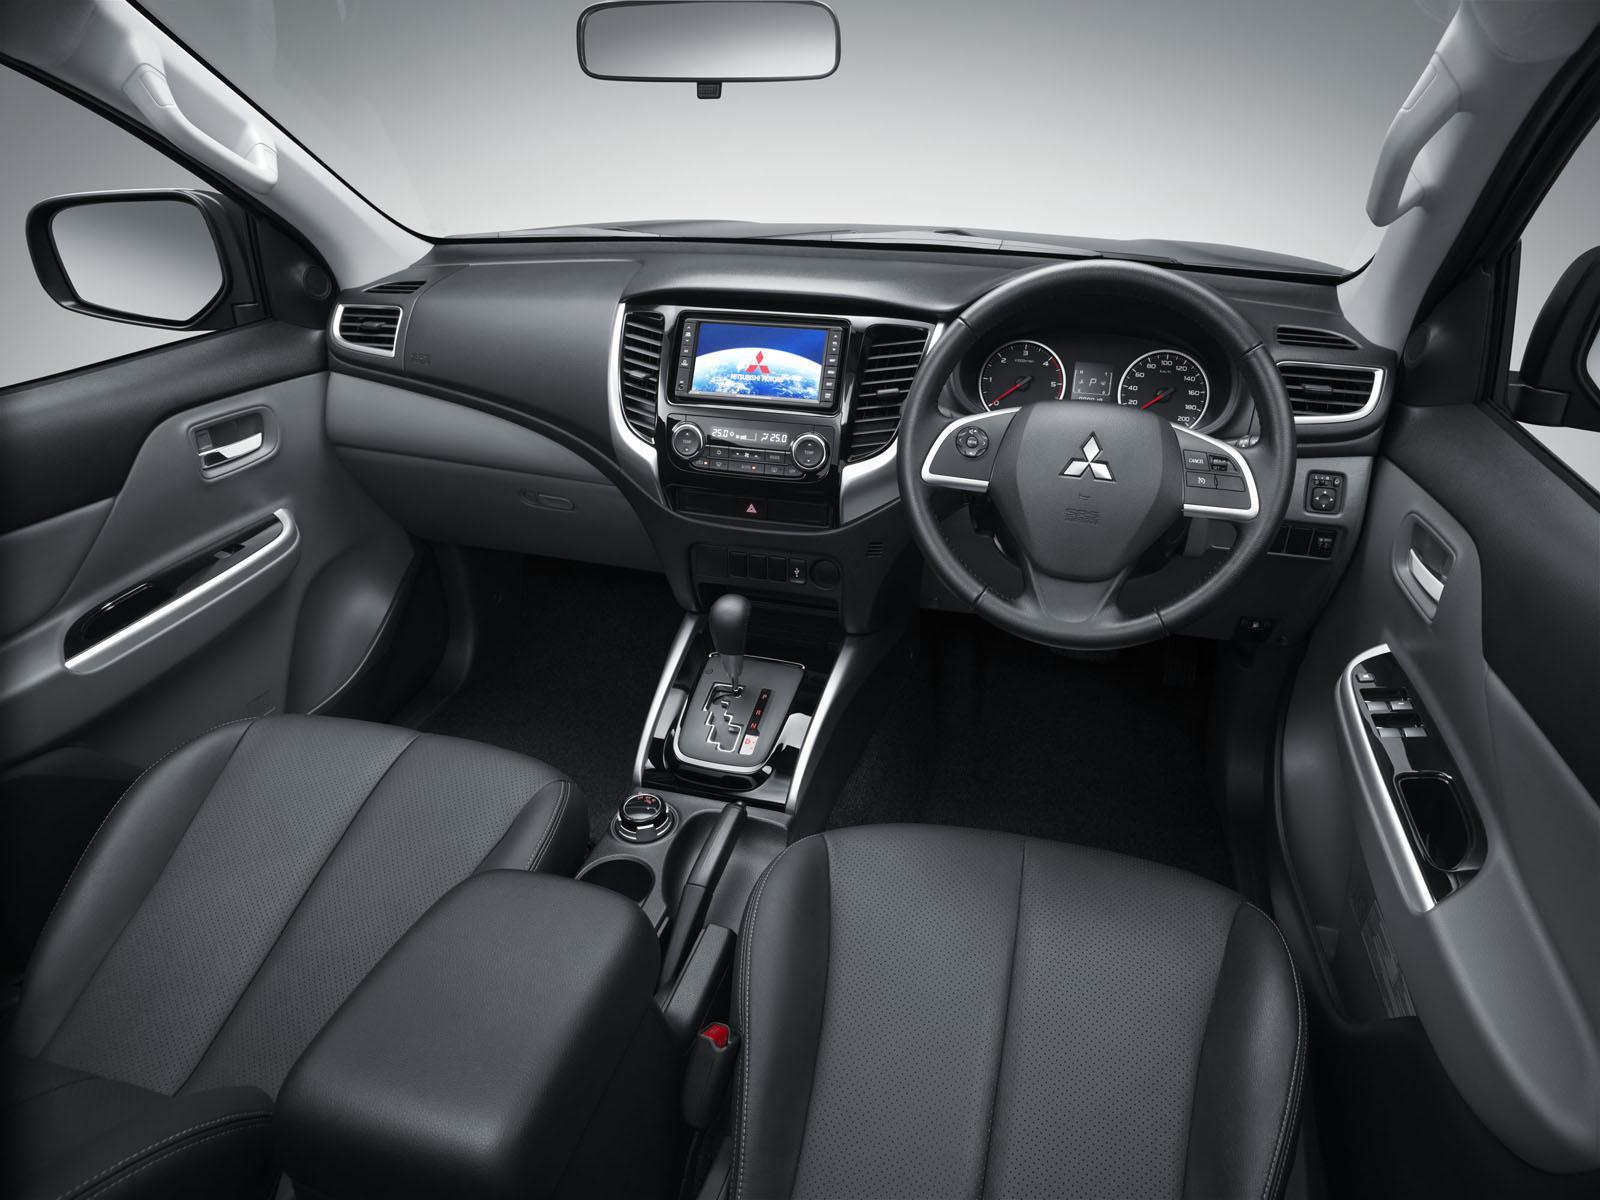 2015 Mitsubishi Triton L200 Debuts In Thailand Video